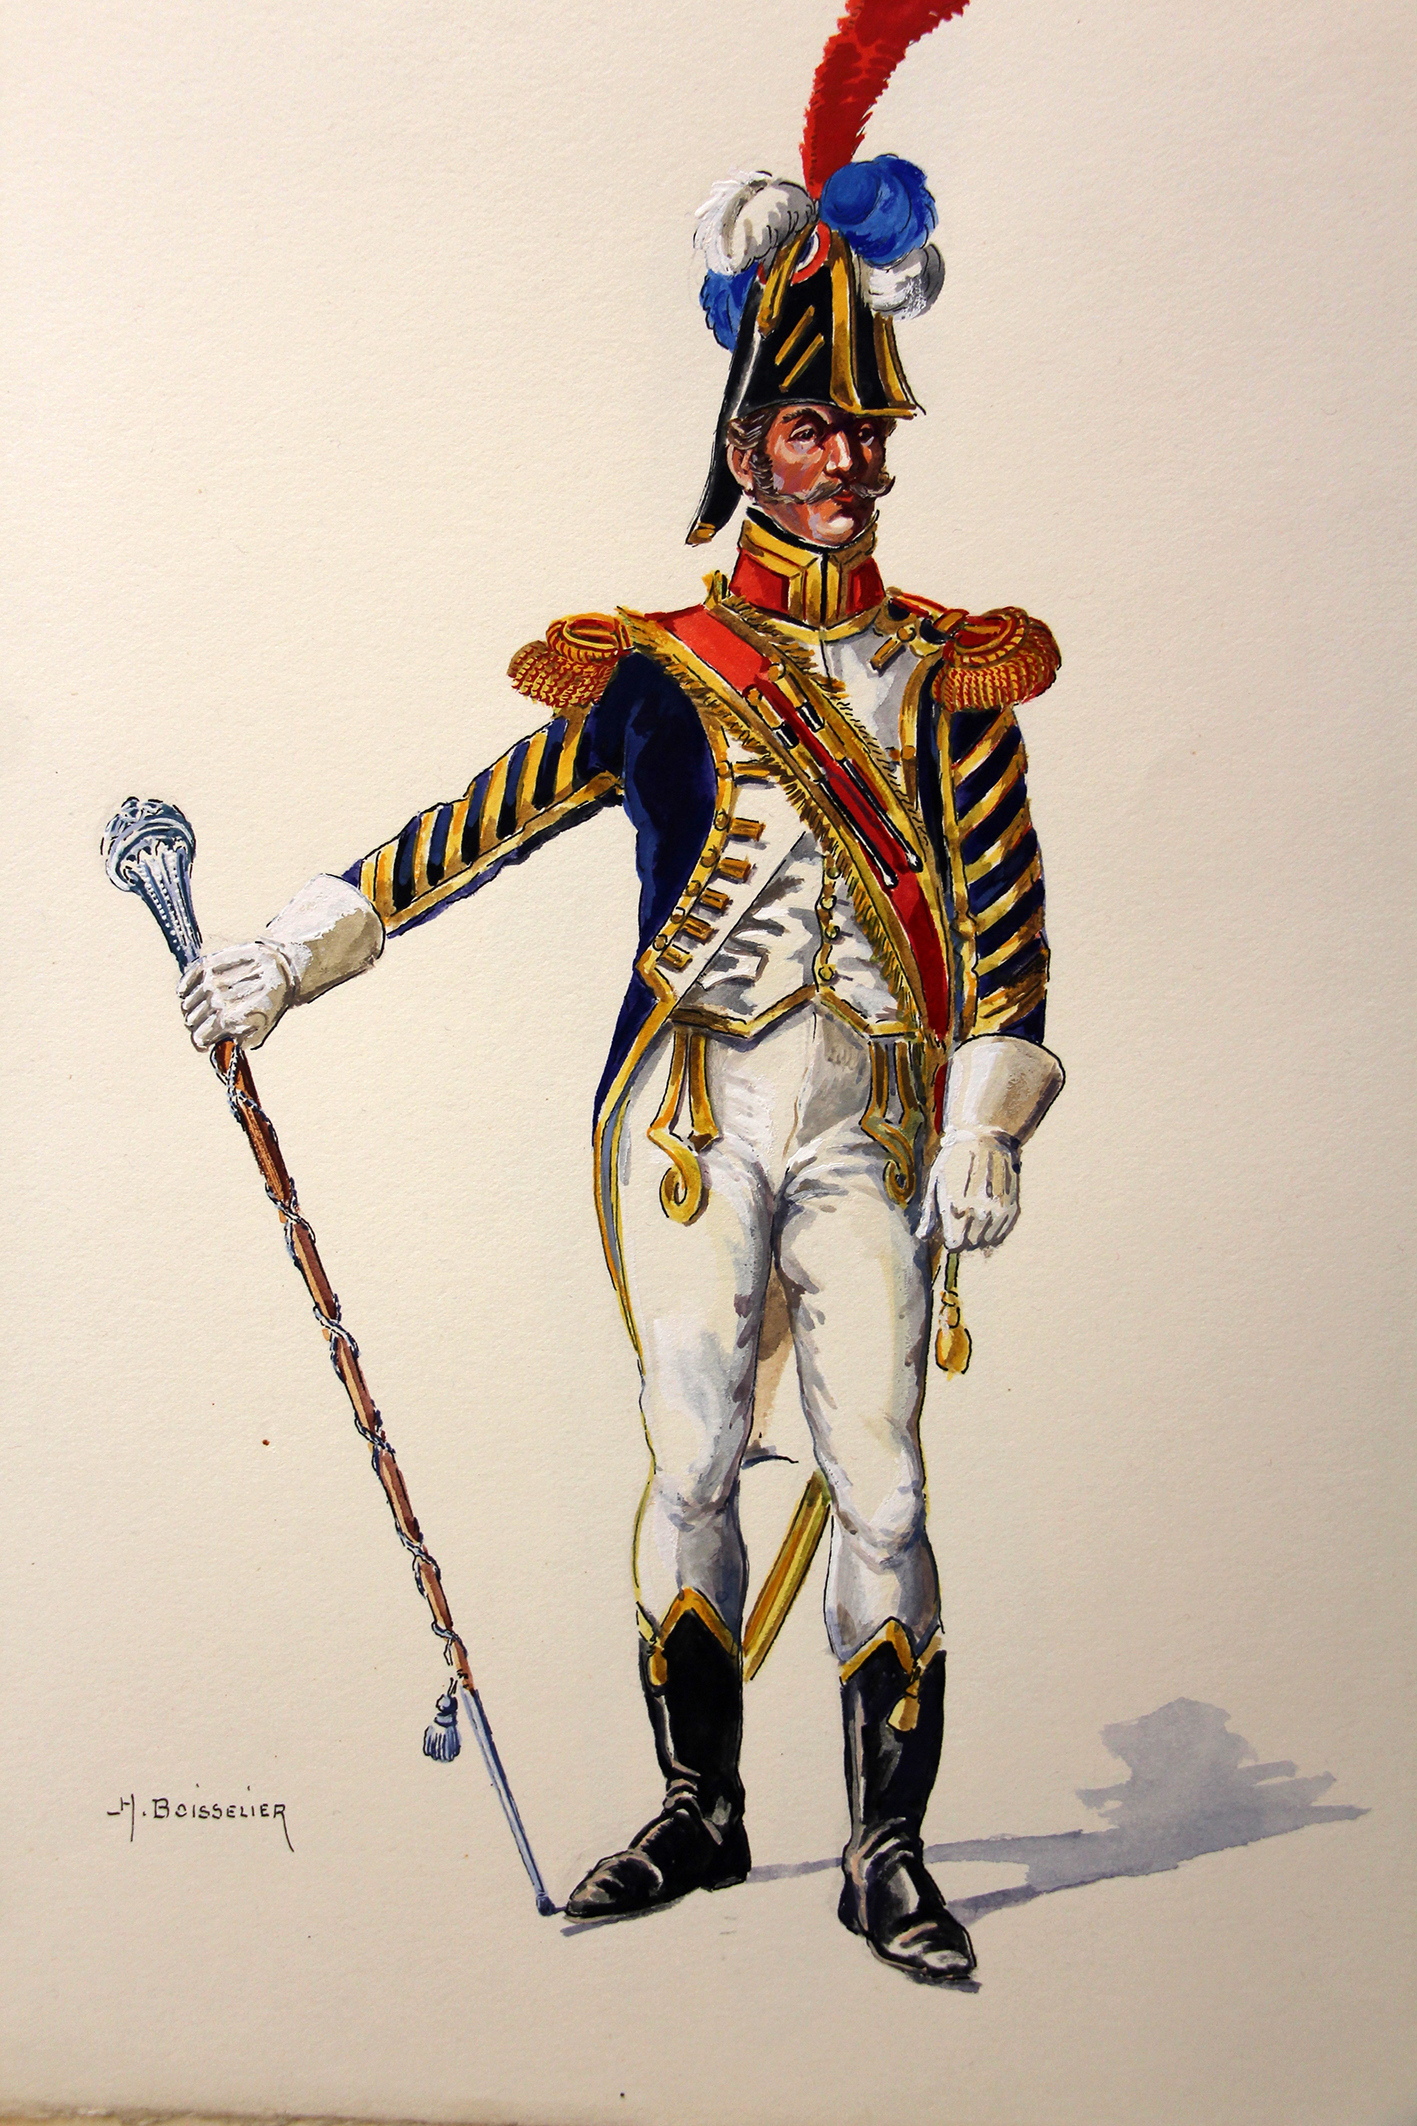 Superbe et Grande Peinture Encre et Gouache originale - Henry Boisselier - Tambour-Major d'infanterie de ligne - Camp de Dresde - 1er Empire - Napoléon 1er